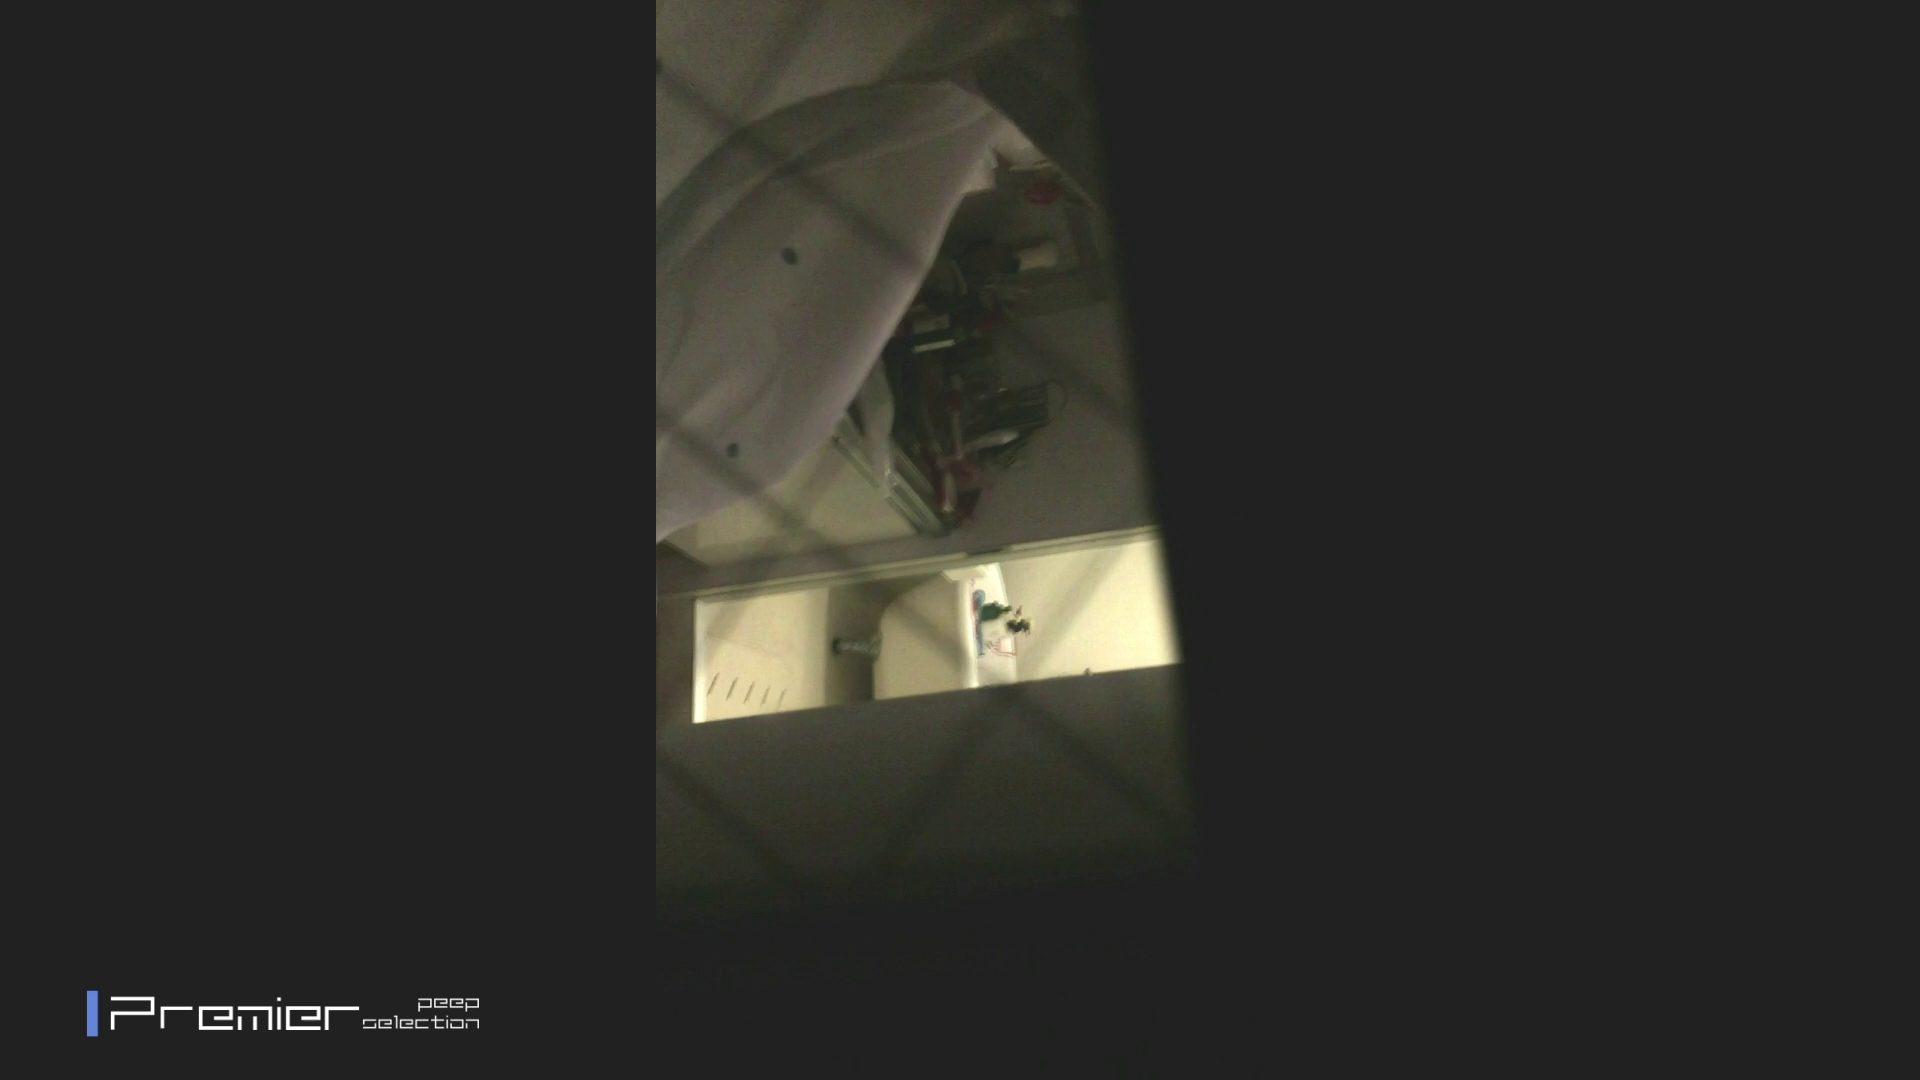 未公開★現役モデルのシャワー  美女達の私生活に潜入! 高画質 | シャワー室  94枚 89